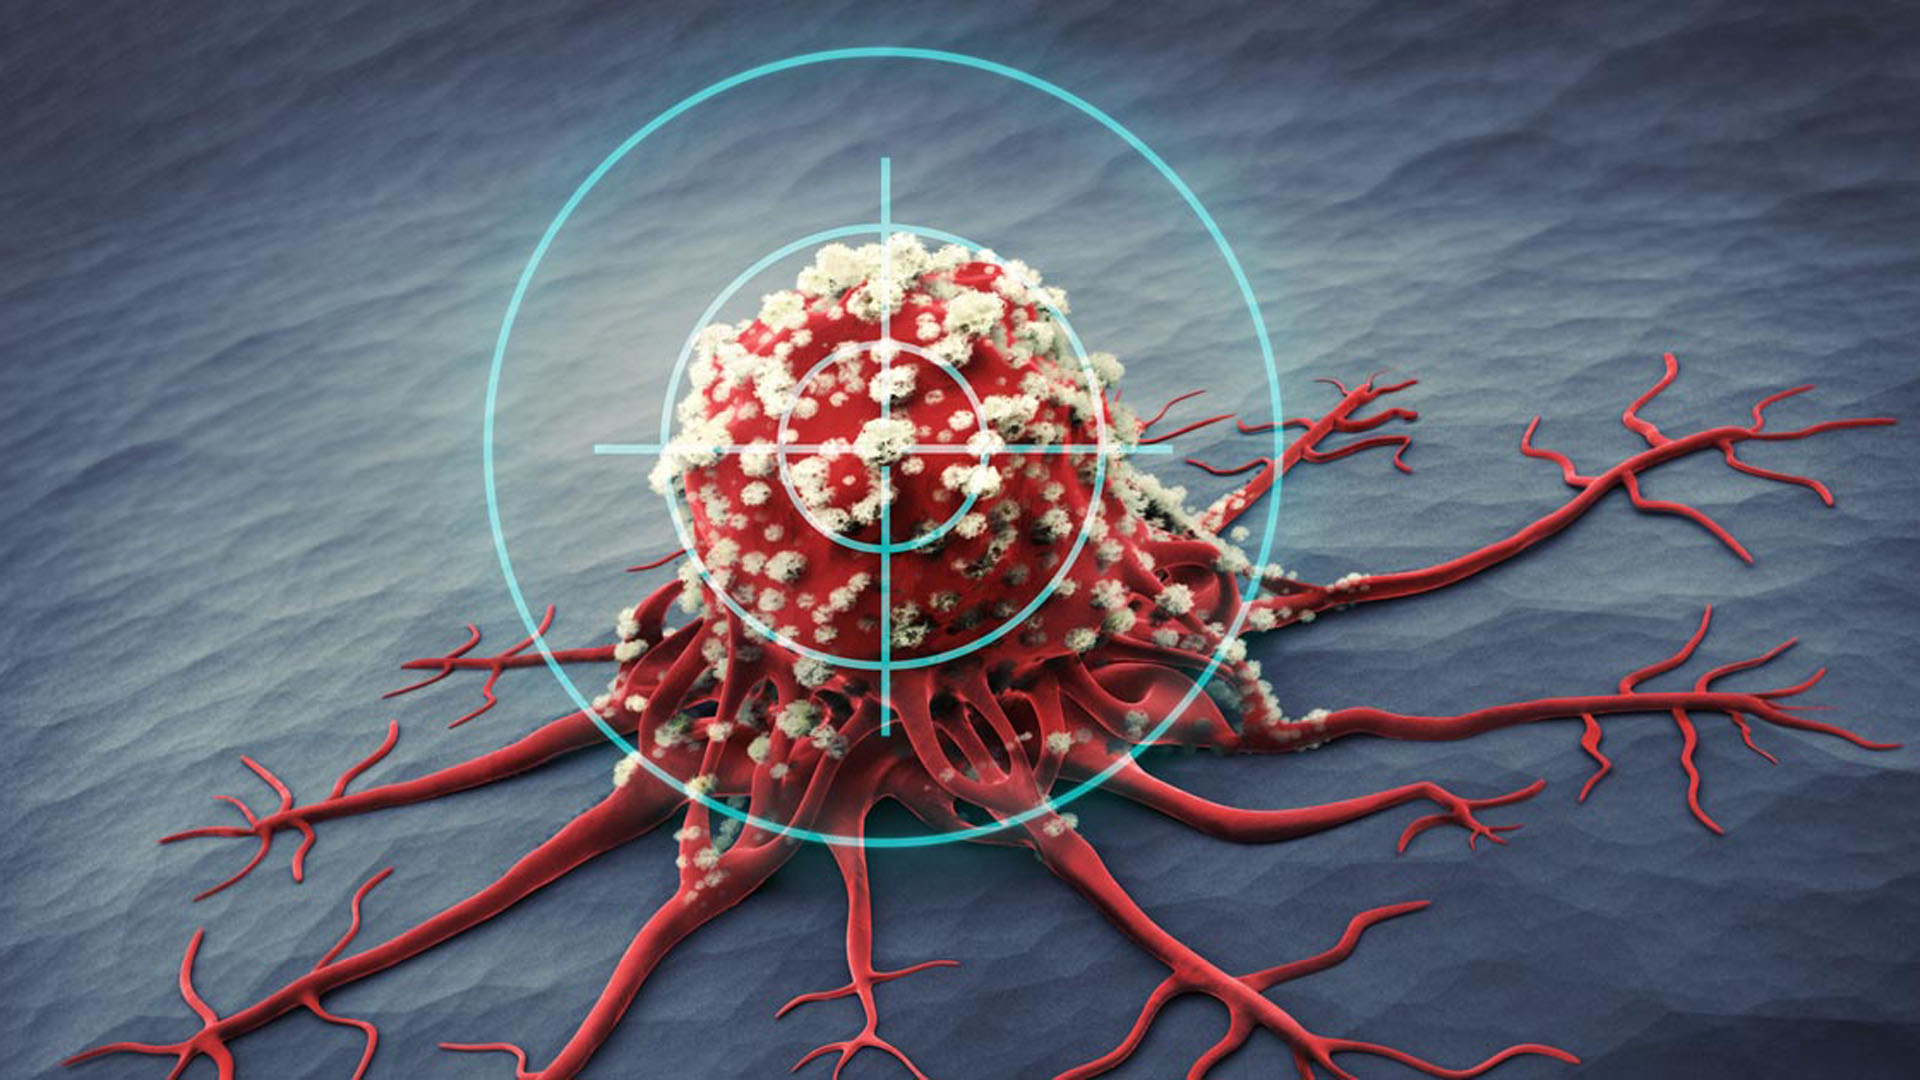 """Favre estudia desde 2009 """"a nivel molecular de qué manera las células normales y tumorales del hígado toman distintos caminos cuando son sometidas a estrés energético"""""""